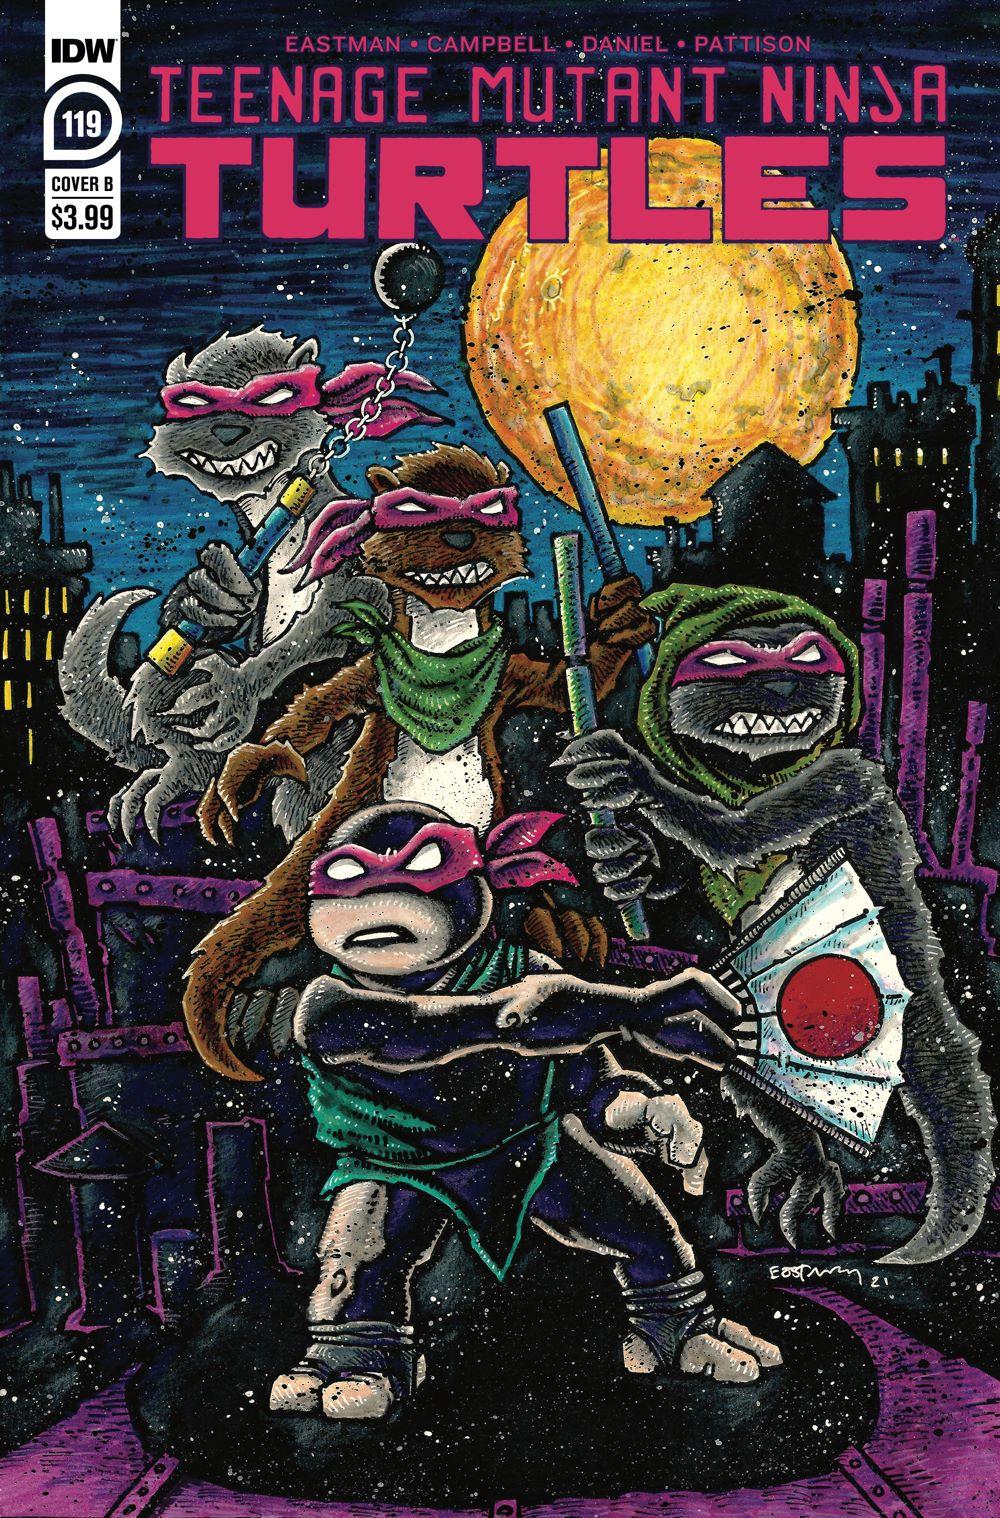 TMNT119_cvrB ComicList Previews: TEENAGE MUTANT NINJA TURTLES #119